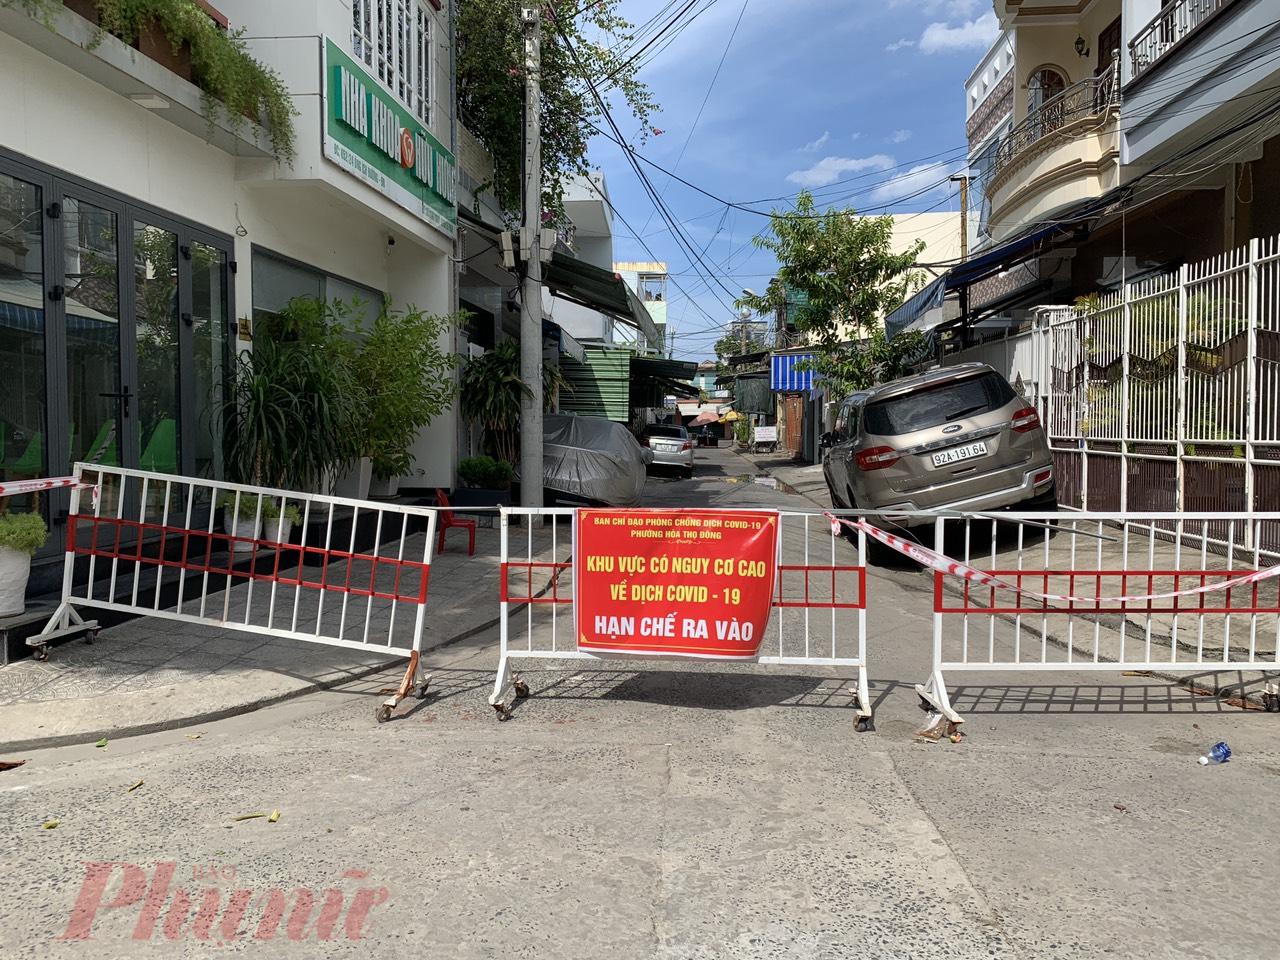 Đà Nẵng sẽ thí điểm cách ly F1 tại nhà từ ngày hôm nay tại Q.Ngũ Hành Sơn và huyện Hòa Vang